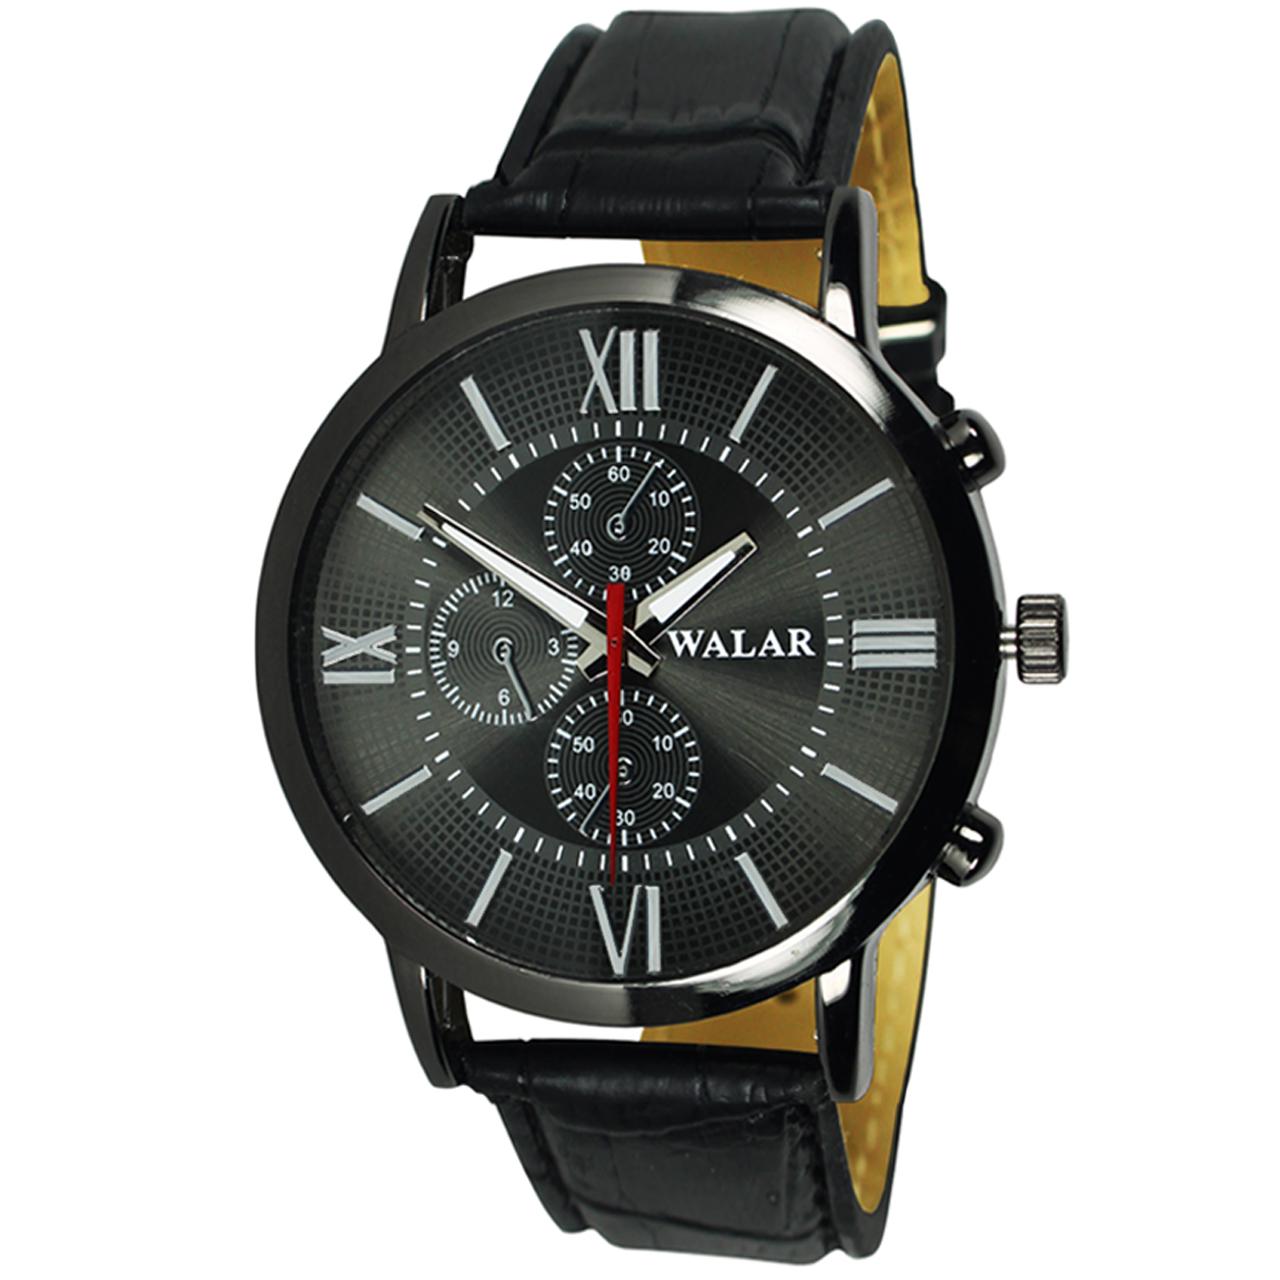 ساعت مچی عقربه ای زنانه والار مدل Wal-bll-01 11